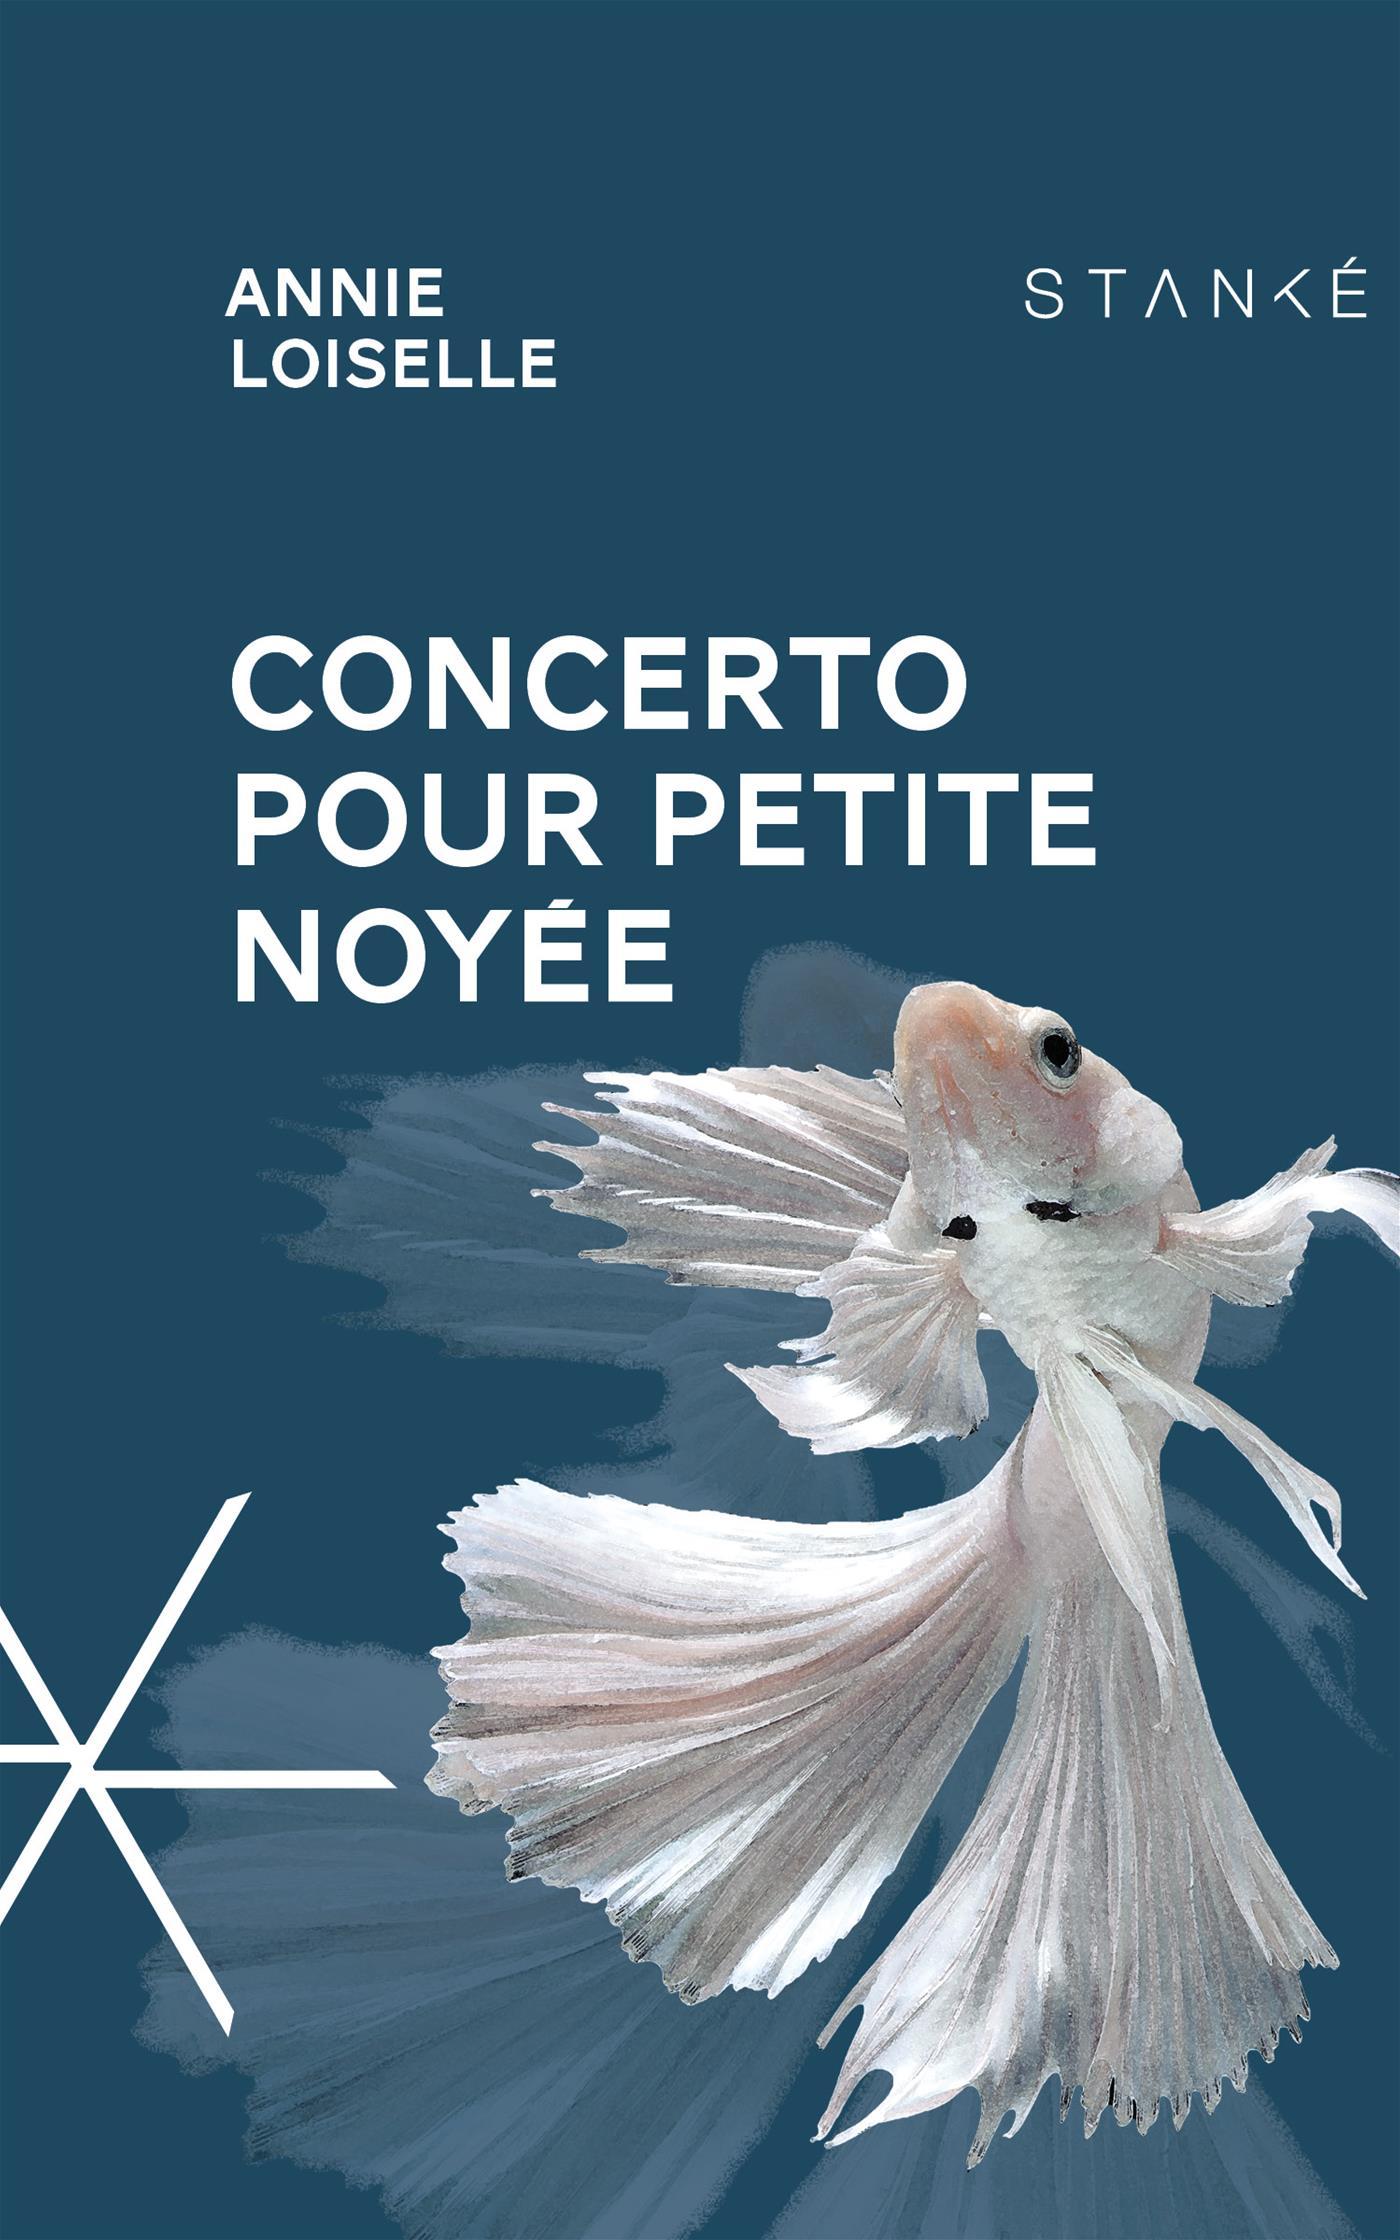 Concerto pour petite noyée